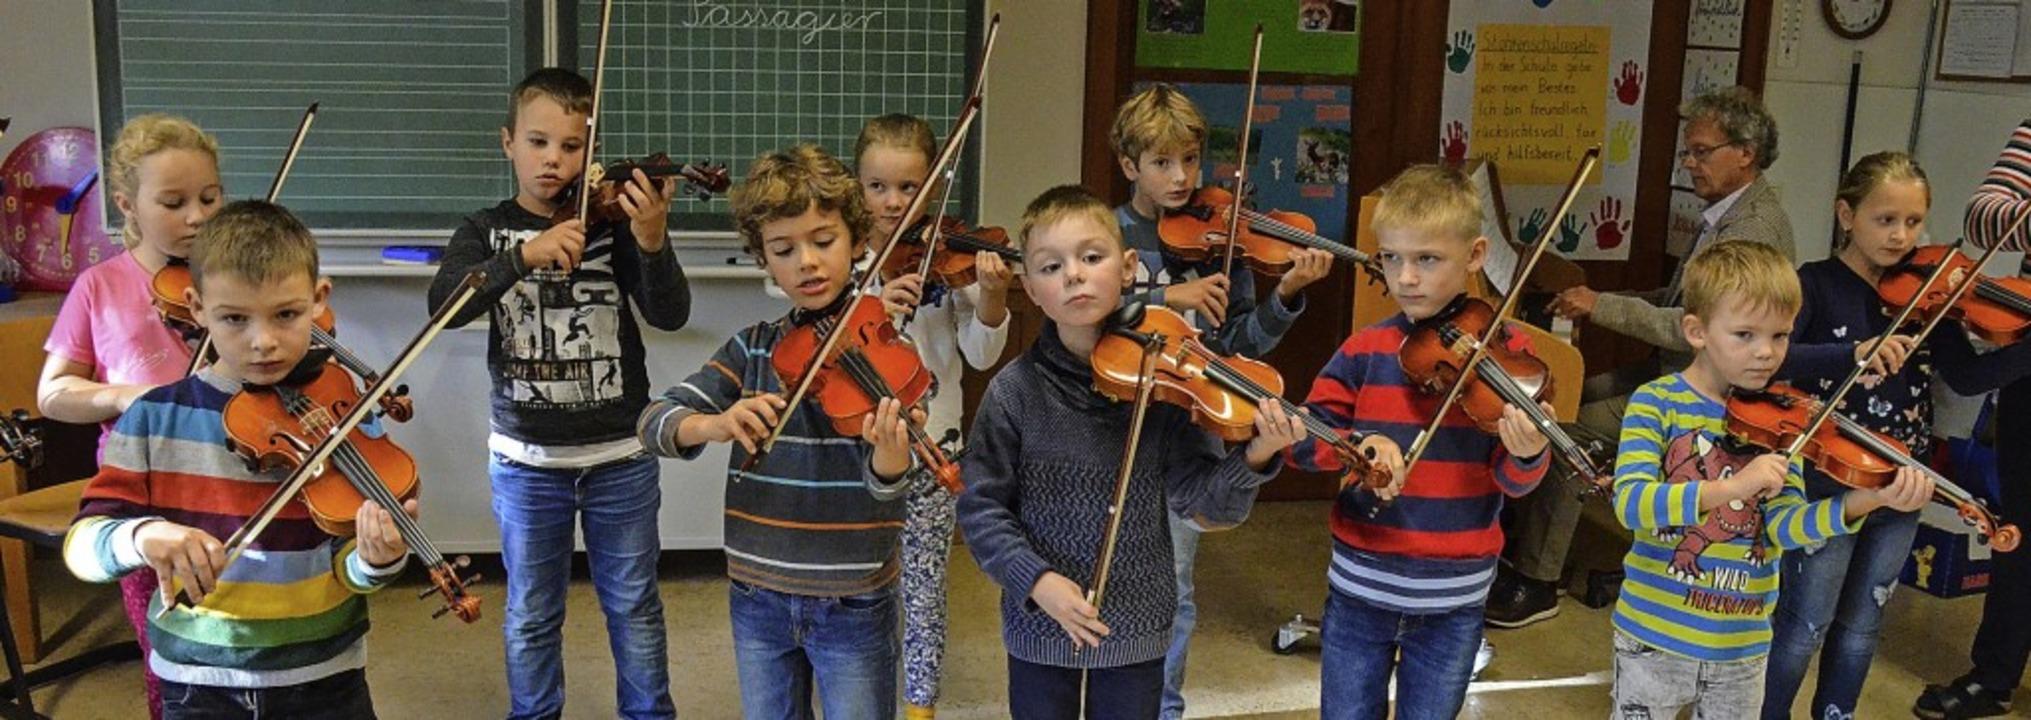 In der Stohrenschule lernen jetzt fast...n und Schüler mit Eifer Geige spielen.  | Foto: Gabriele Hennicke